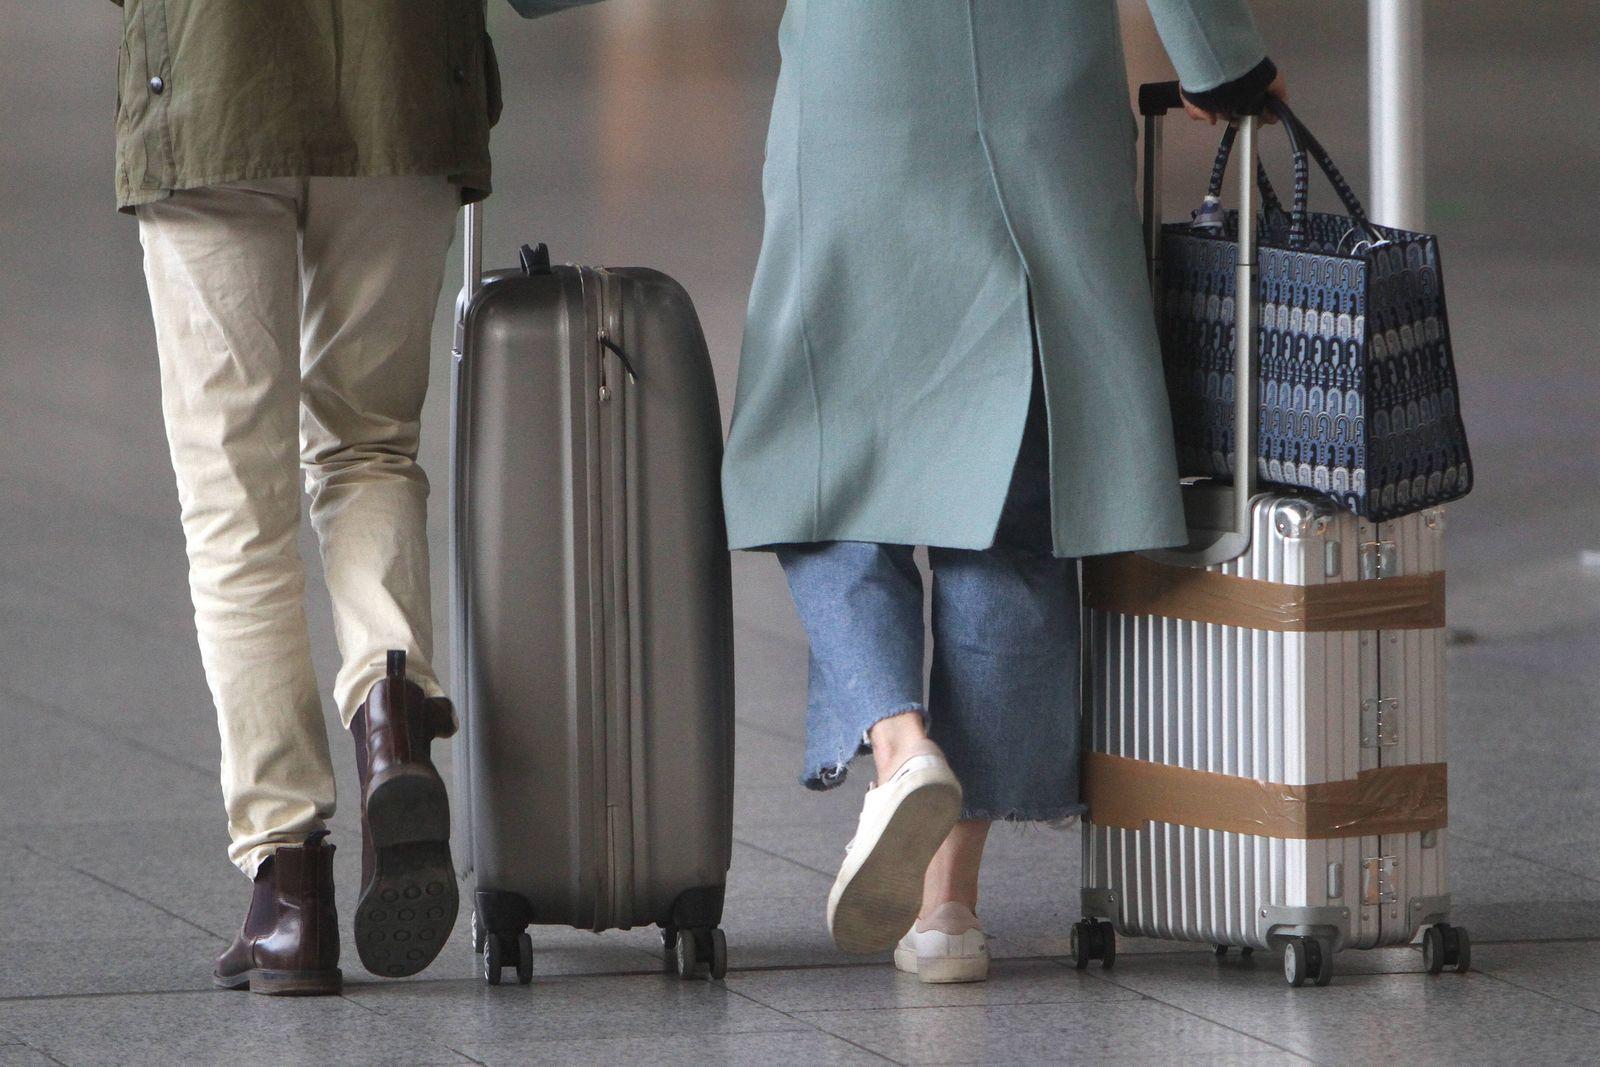 Reisende gehen mit ihrem Gepäck zur Abflughalle C im Flughafen Frankfurt, Hessen, Deutschland *** Travelers walk with t